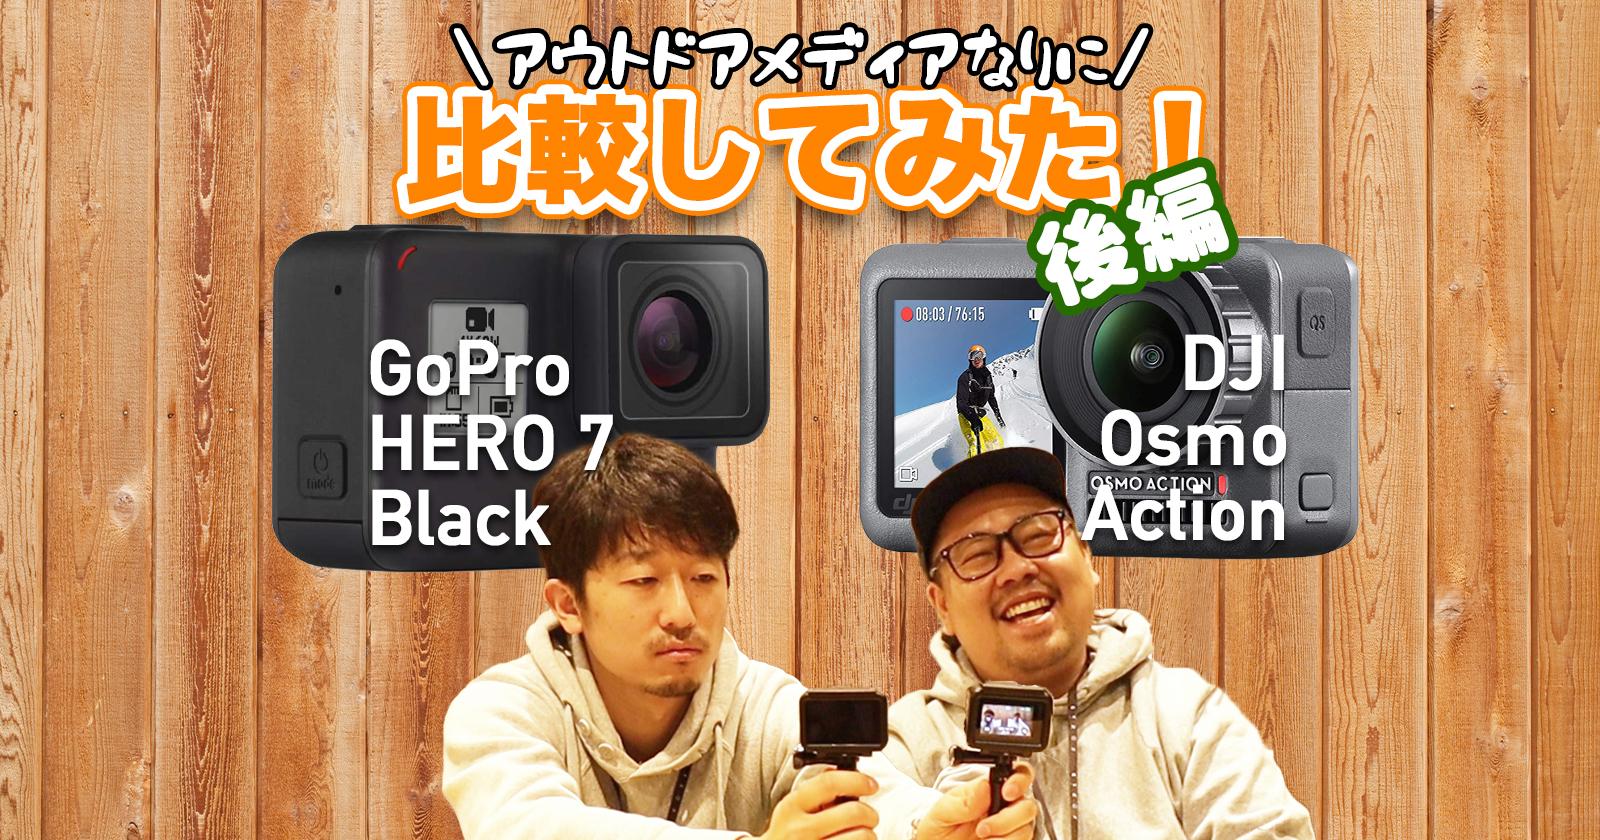 【動画で見よう!】【後編】DJI OSMO ActionとGoPro HERO 7 Blackを実機で比較してみた!